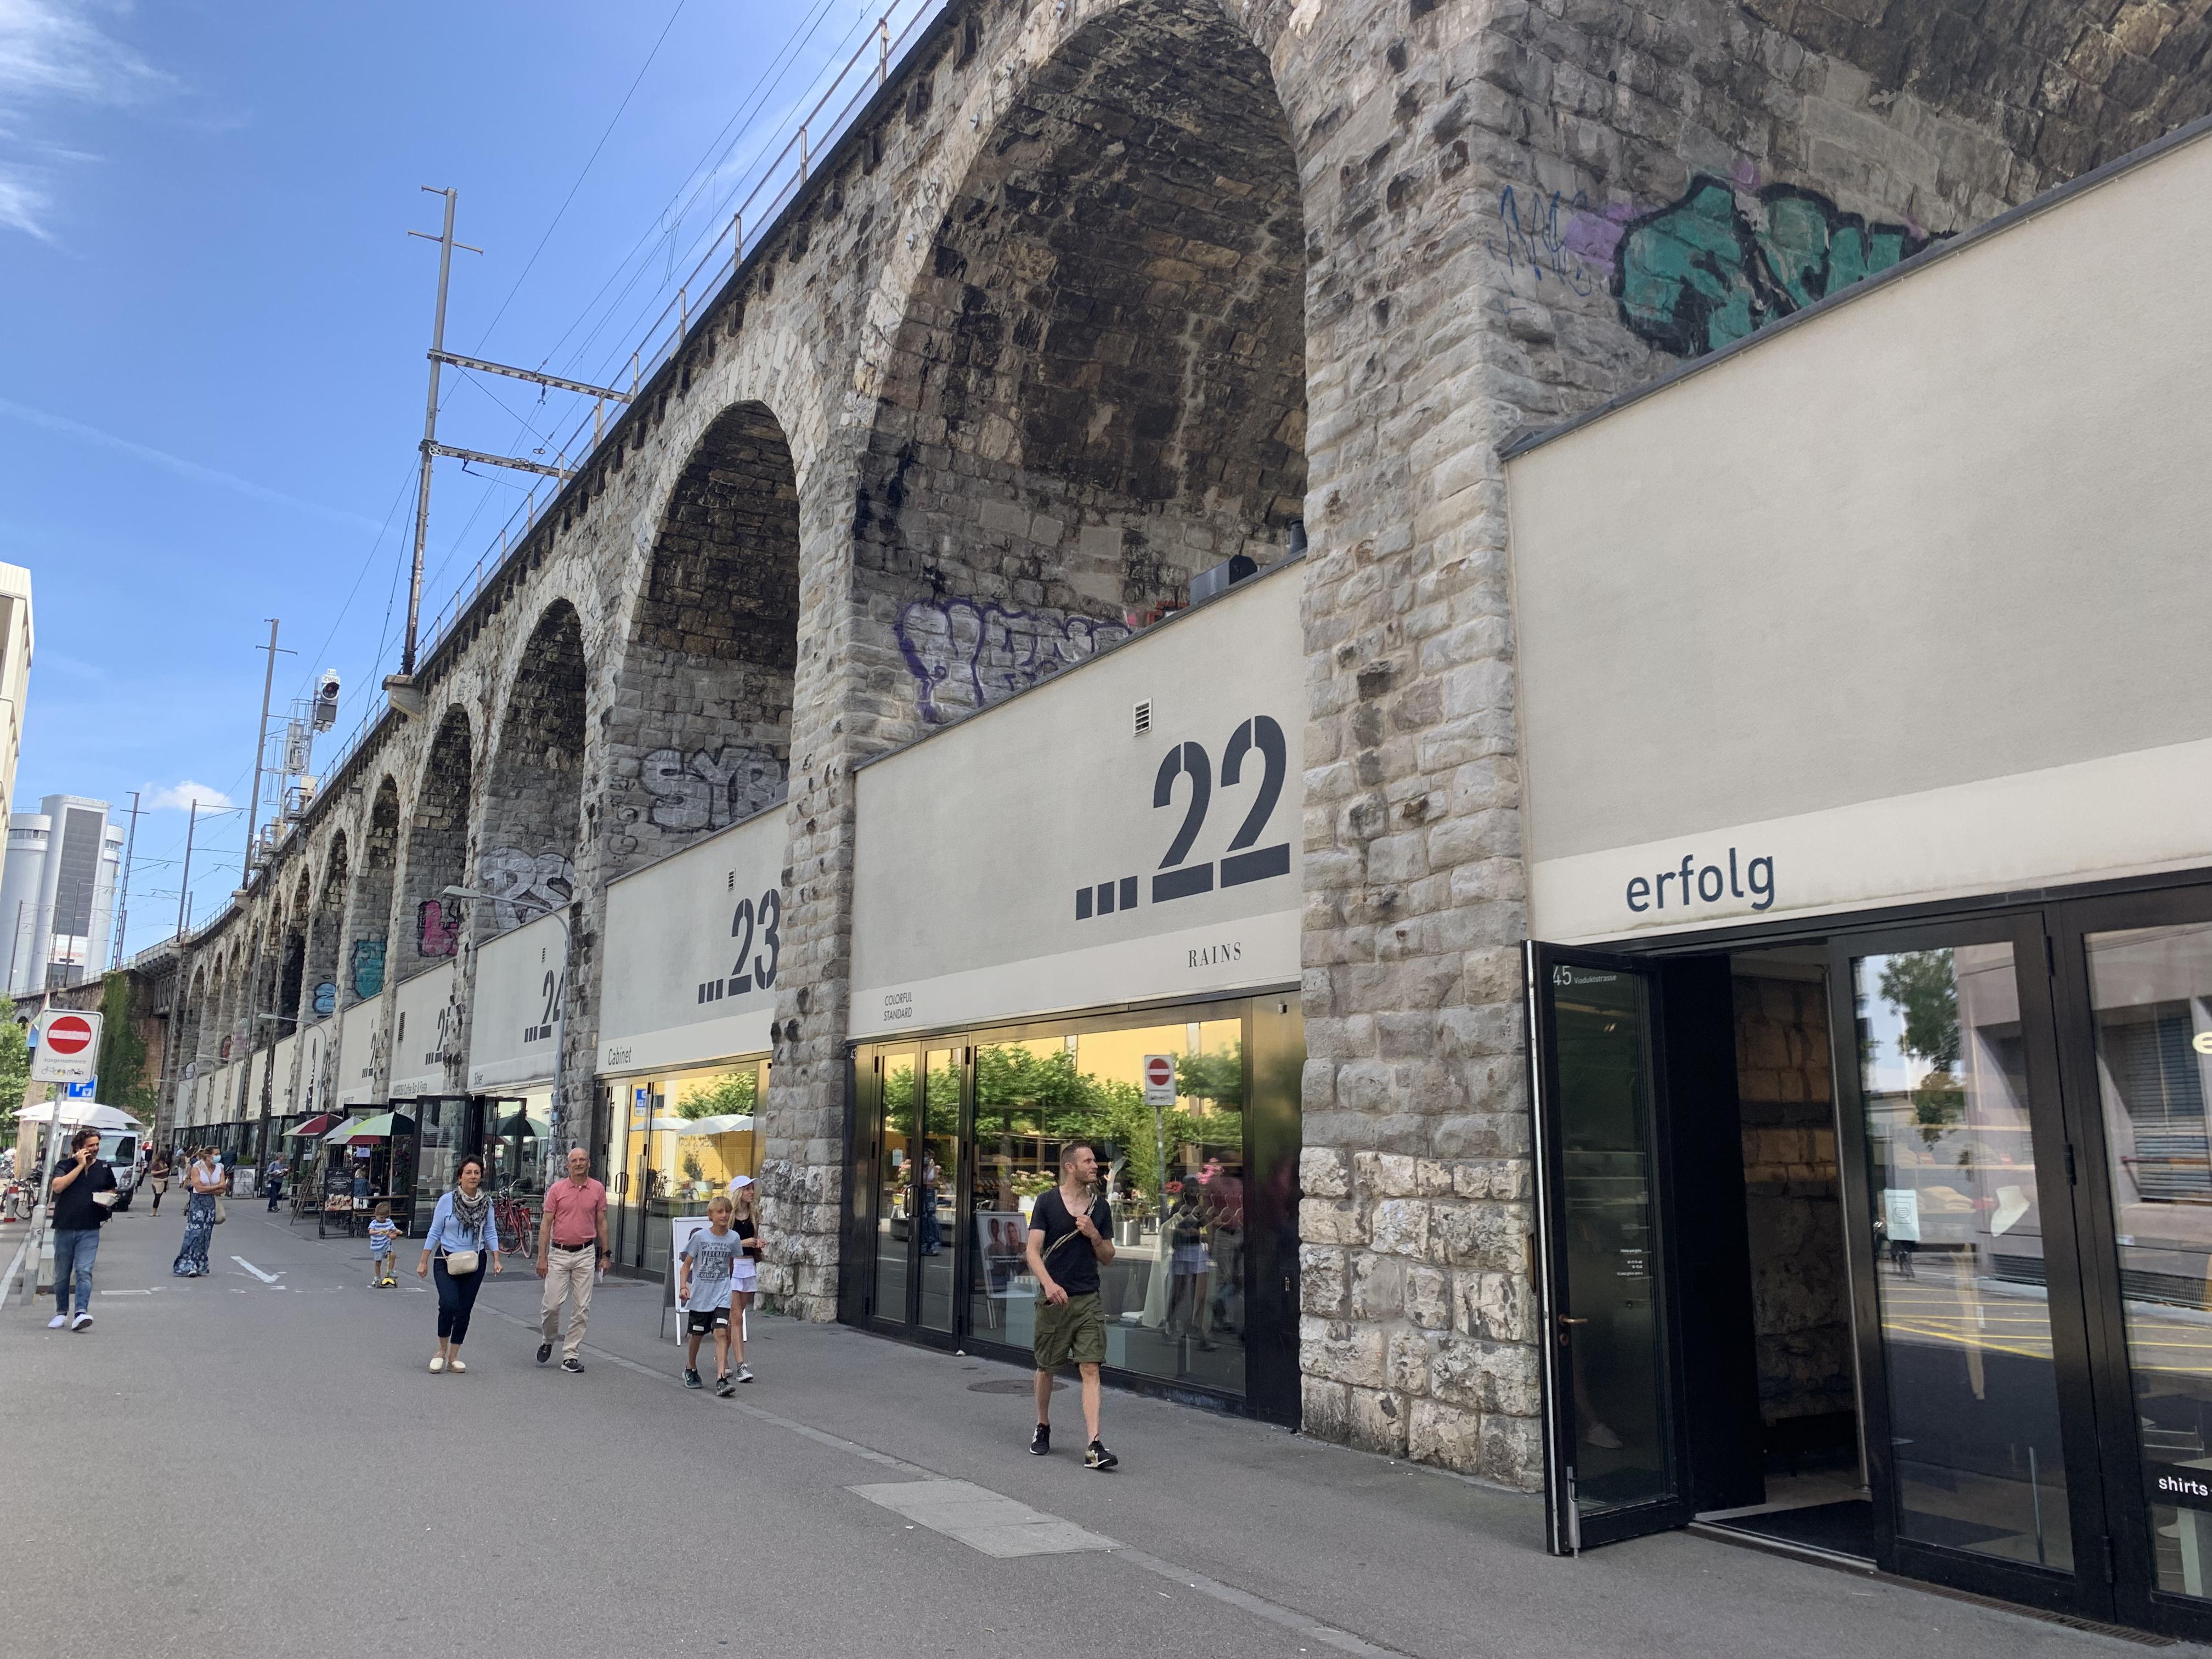 Im Viadukt: um lindo viaduto de tijolos que abriga lojinhas e restaurantes bacanas em seus arcos